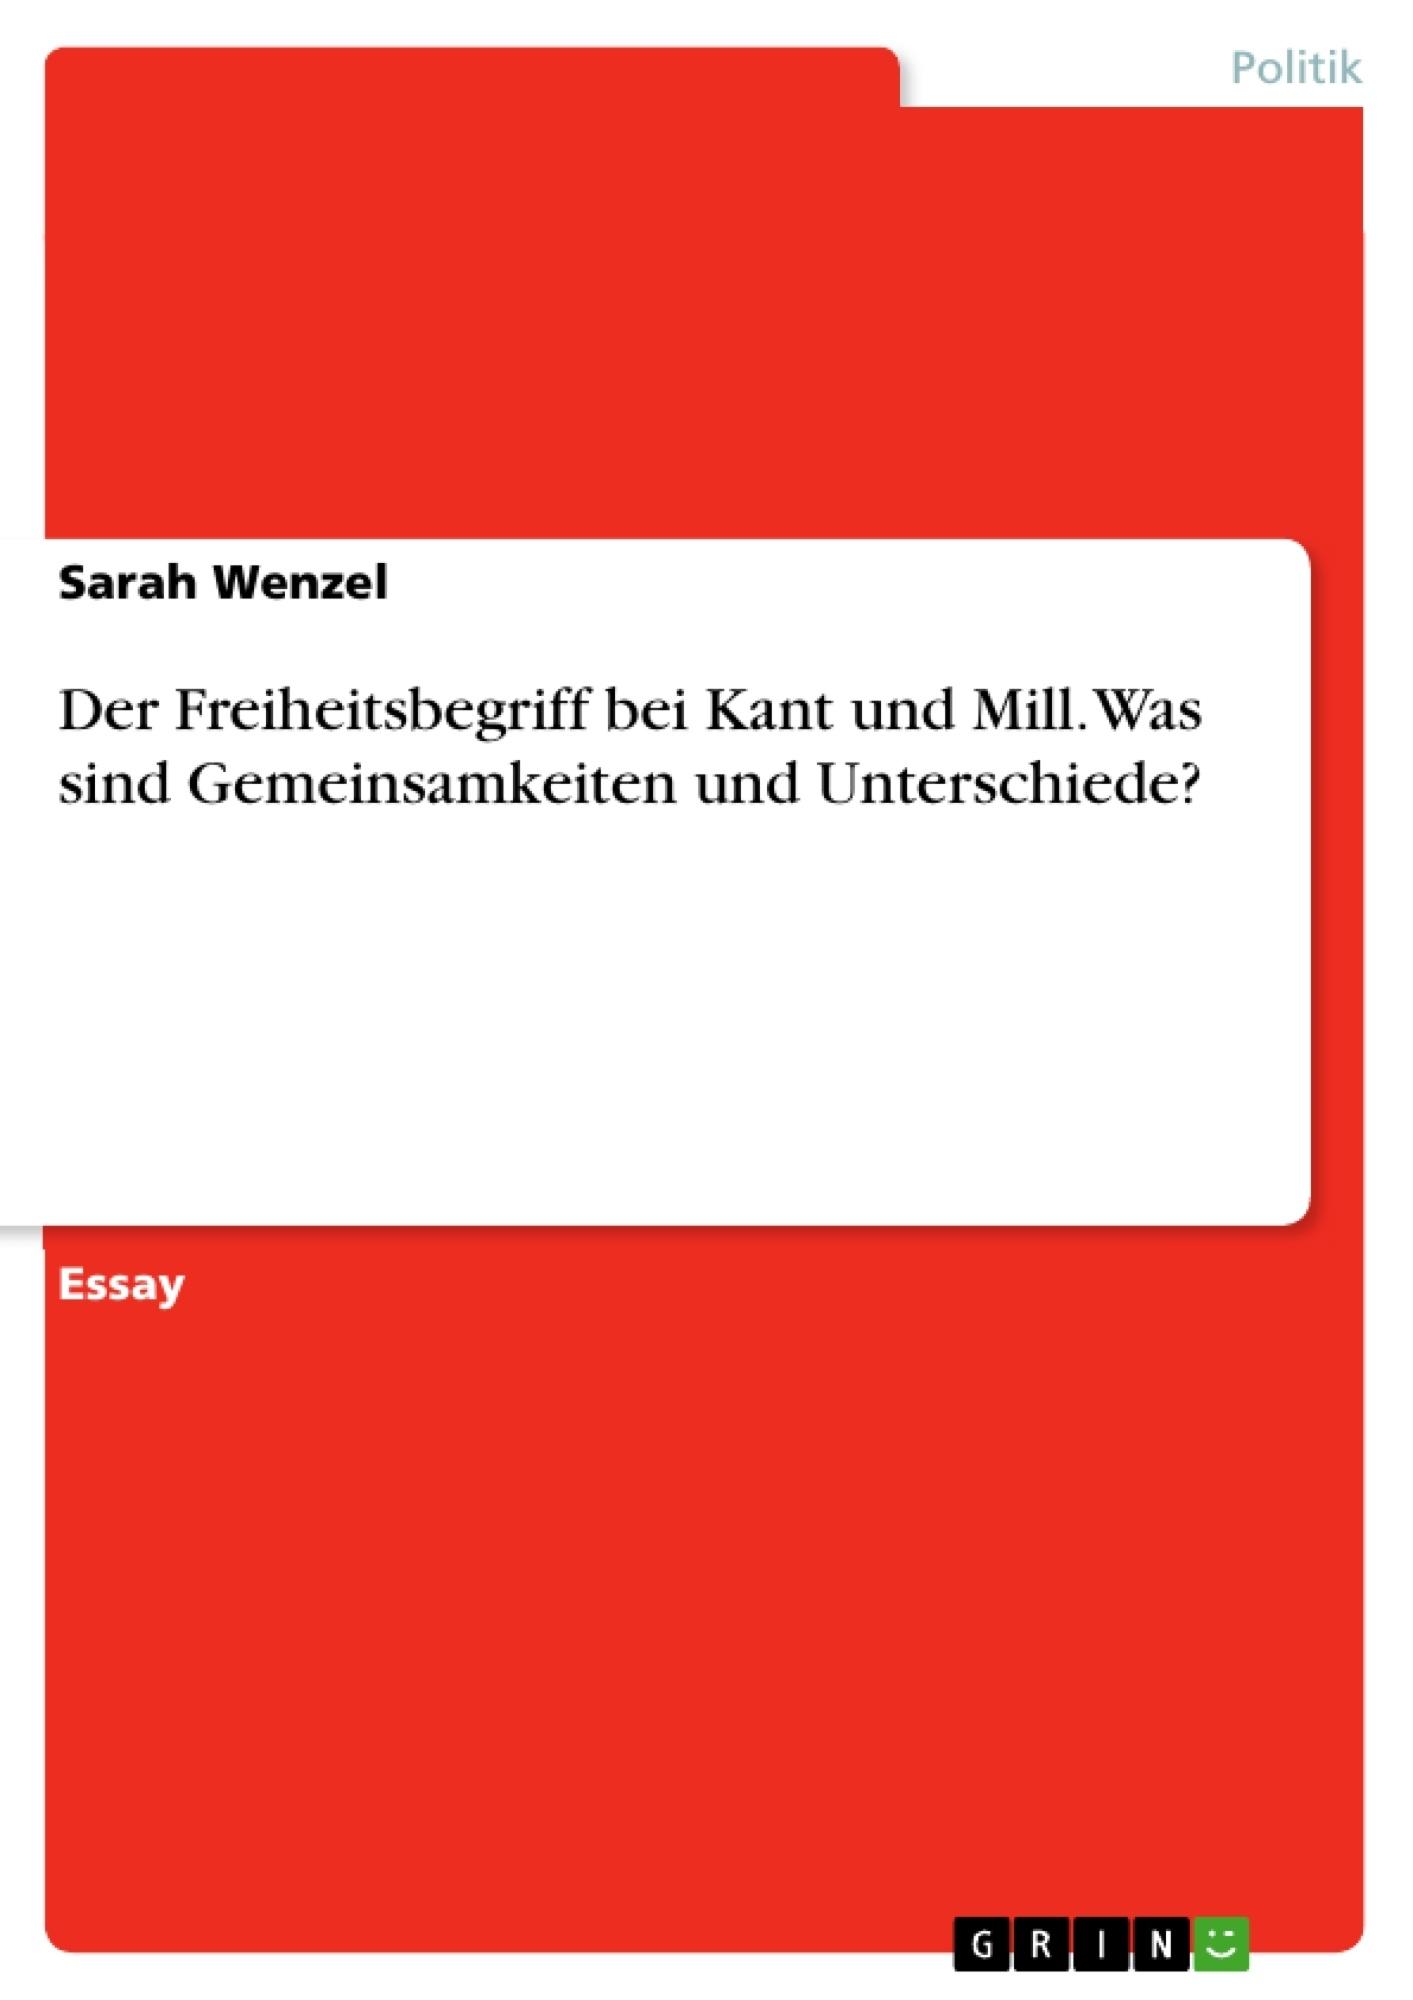 Titel: Der Freiheitsbegriff bei Kant und Mill. Was sind Gemeinsamkeiten und Unterschiede?